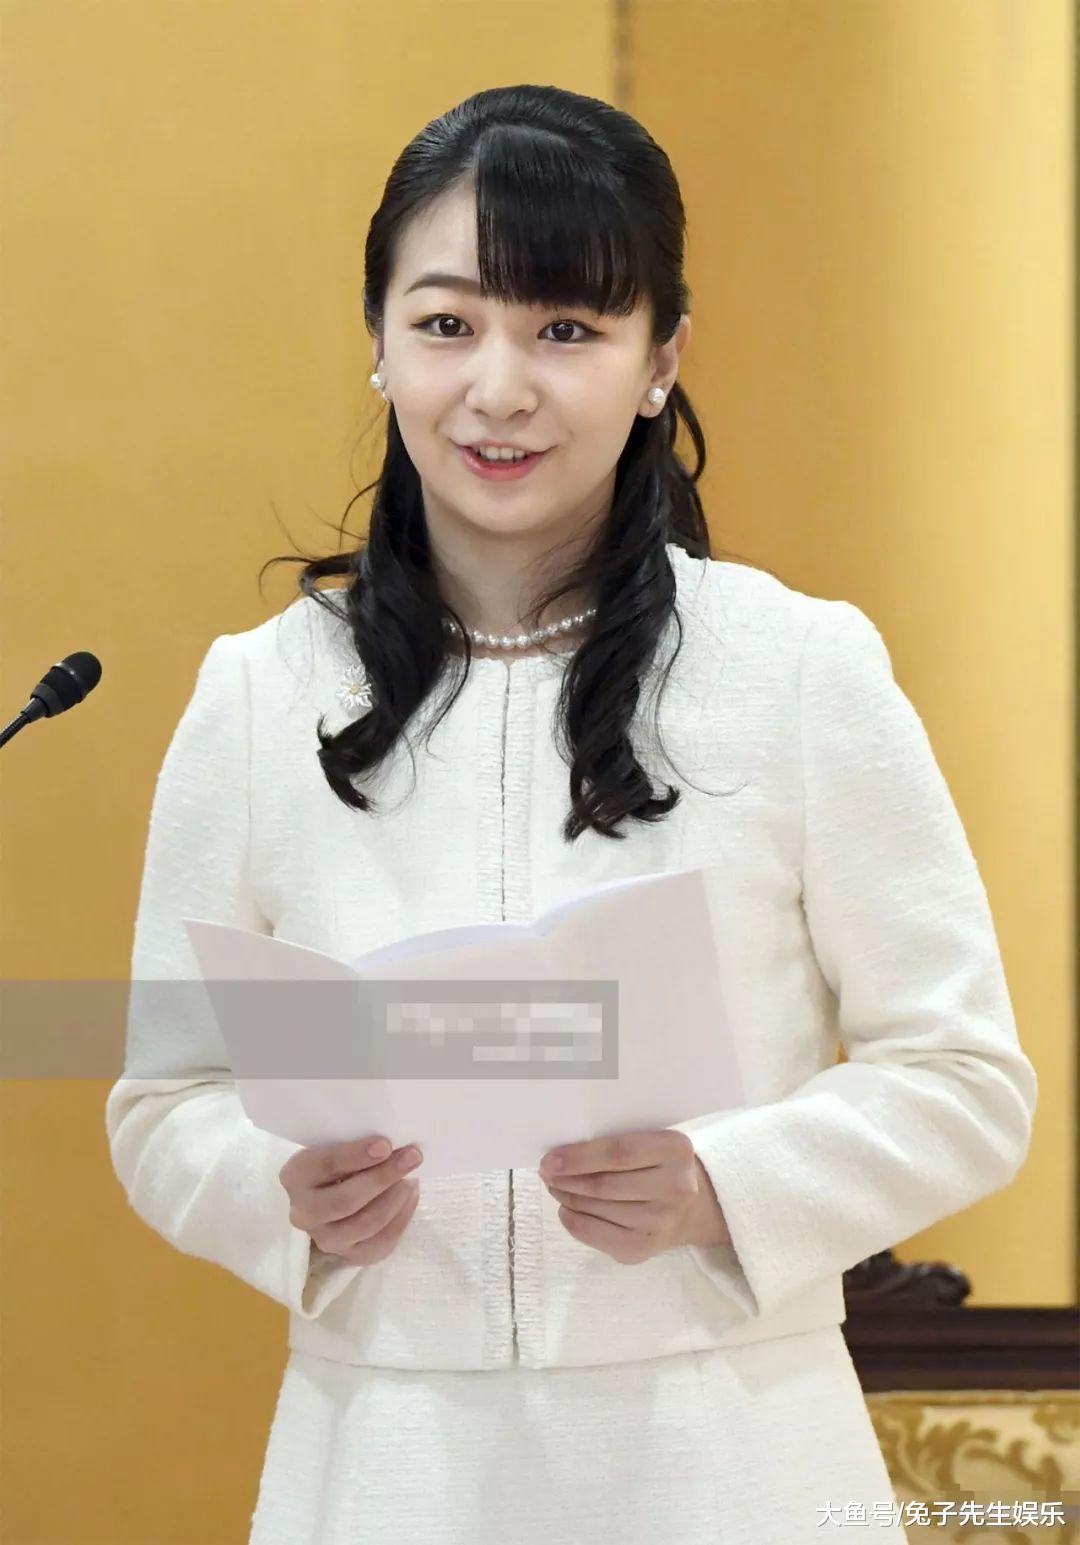 25岁佳子公主独自现身,接替纪子妃颁奖工作,本人比照片更漂亮